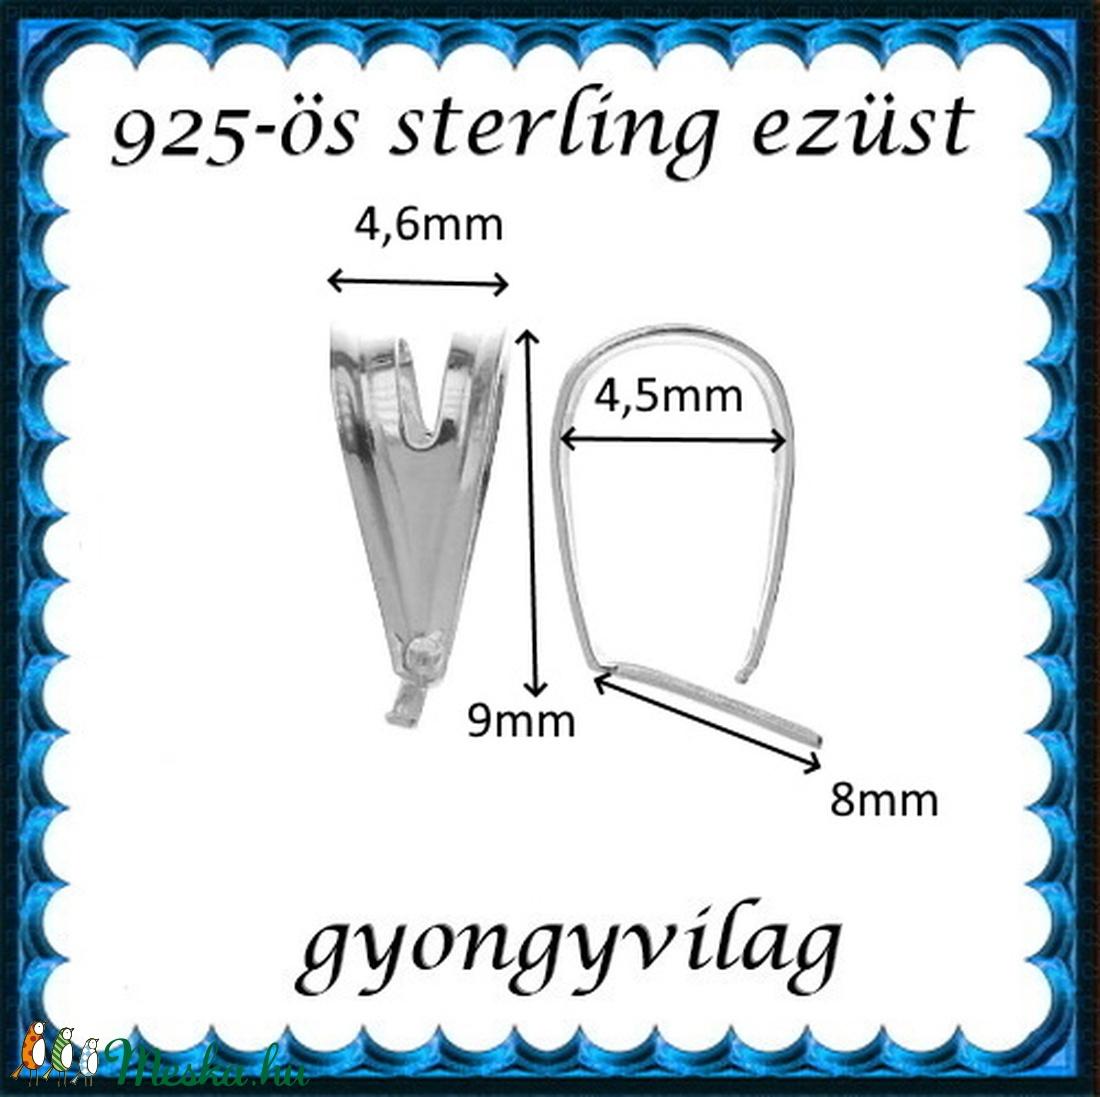 925-ös sterling ezüst ékszerkellék: medáltartó, medálkapocs EMK 113e - gyöngy, ékszerkellék - egyéb alkatrész - Meska.hu